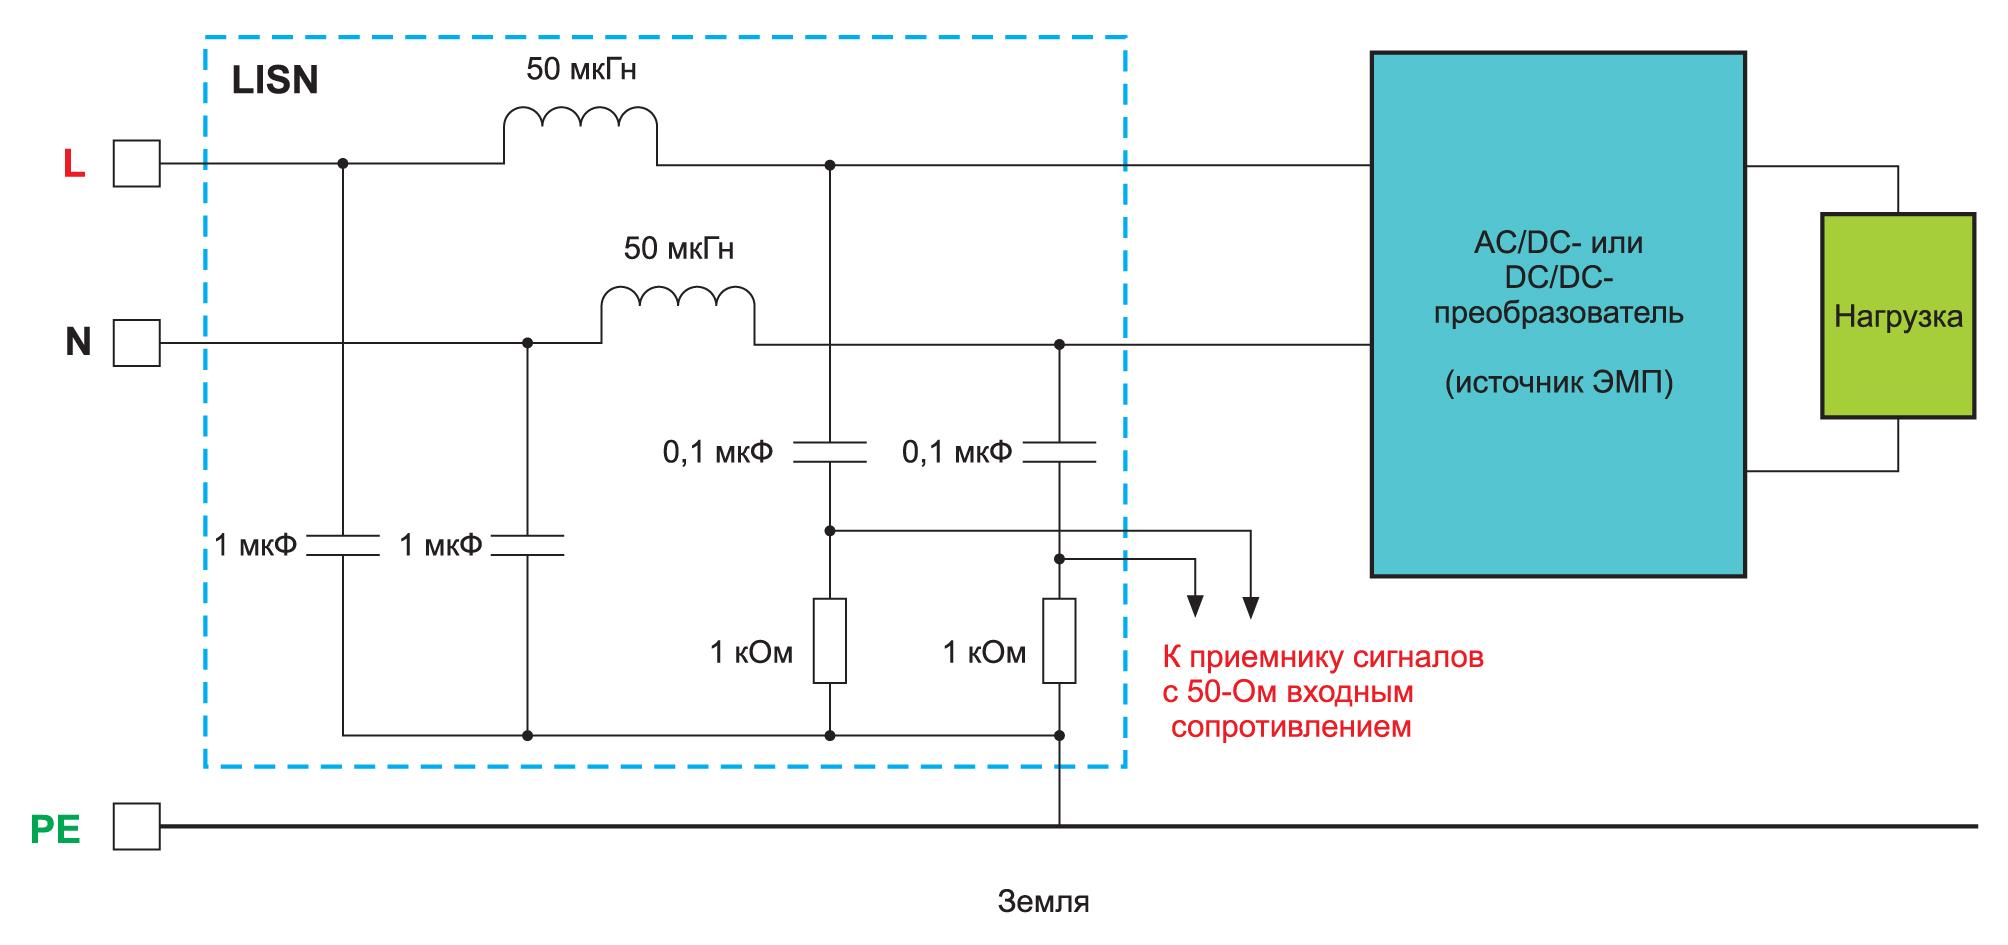 Электрическая схема испытаний на ЭМС